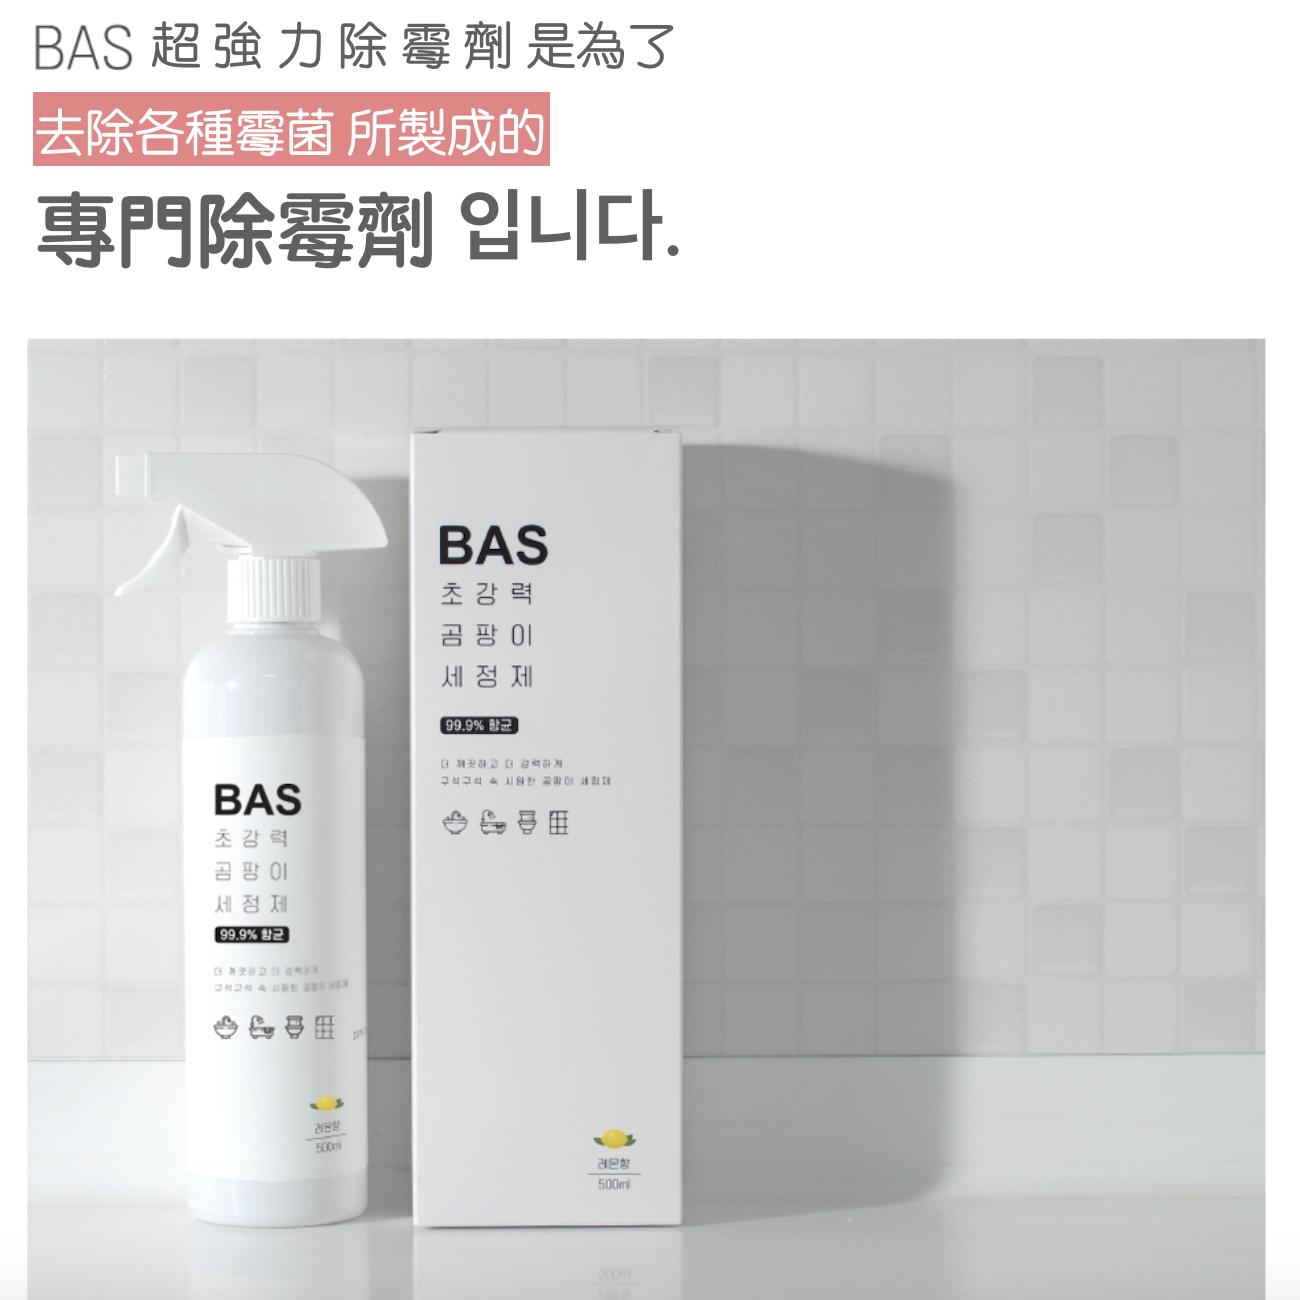 [shiPAPA] 除霉劑 500ml 韓國直送 香港 澳門